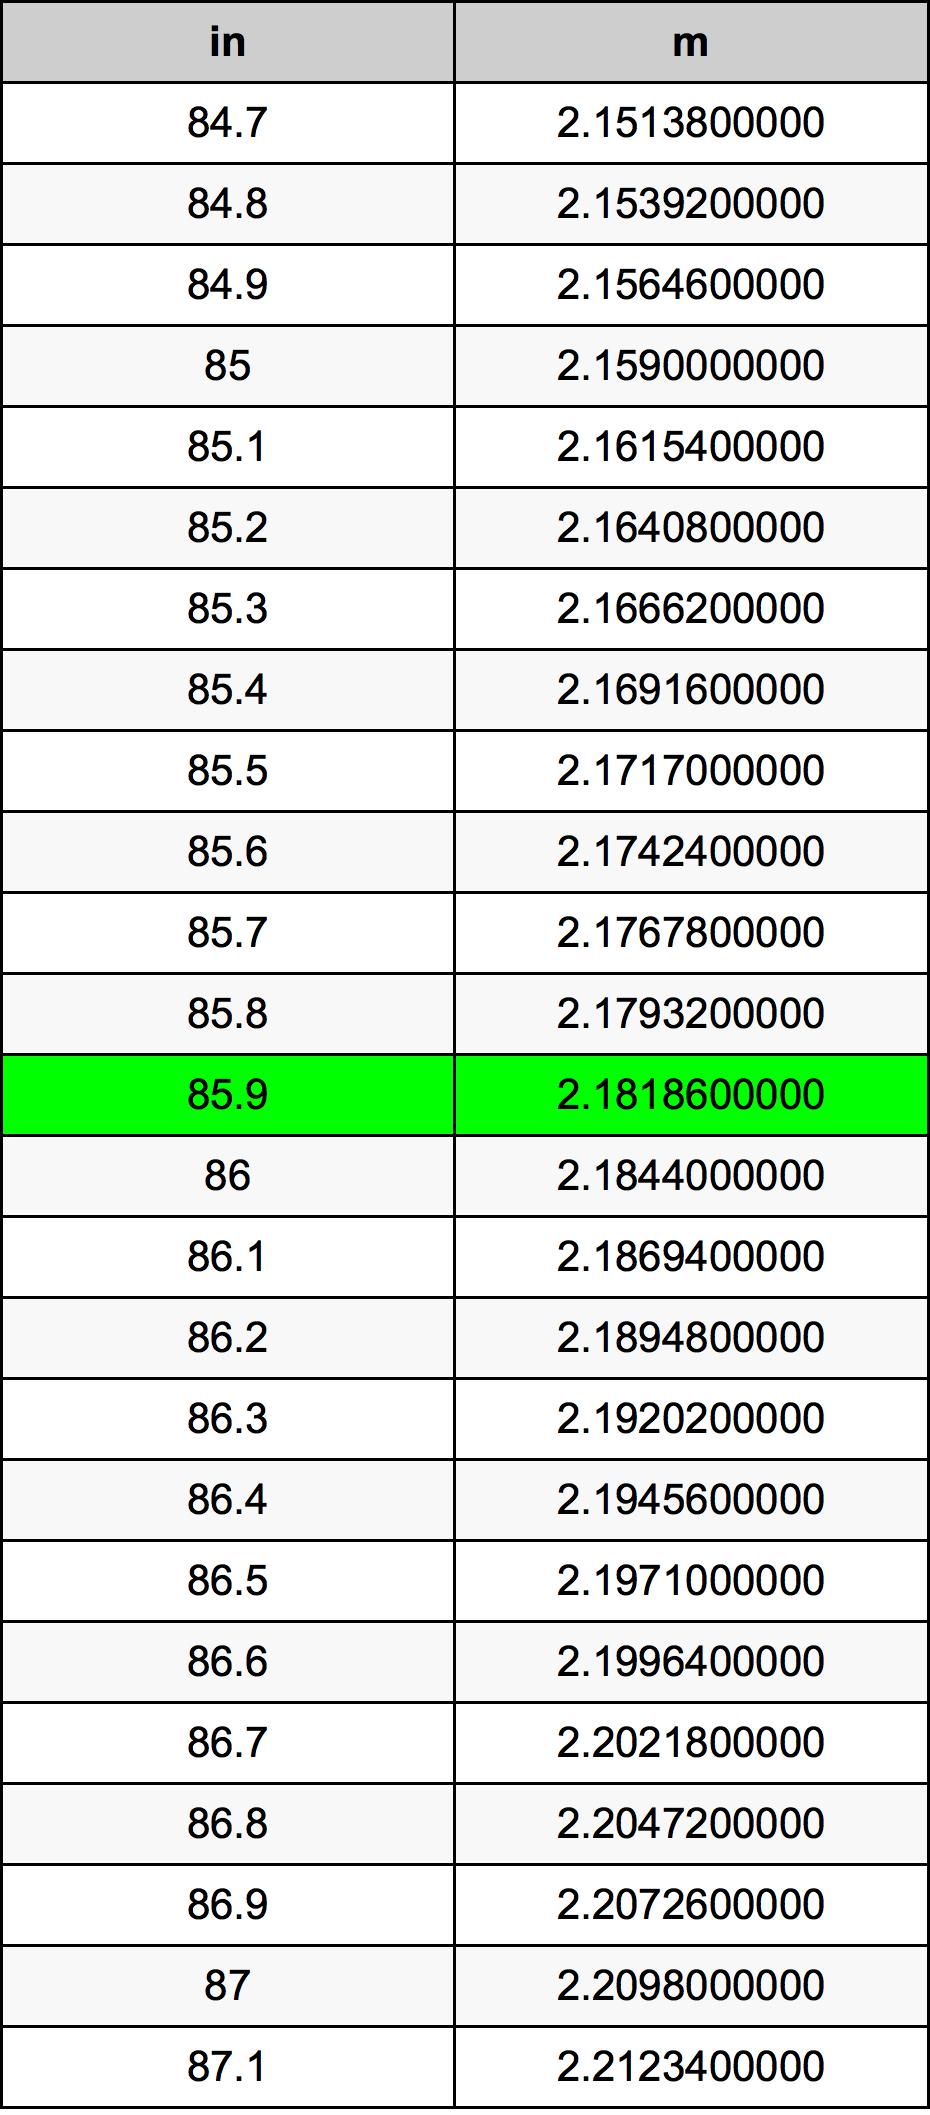 85.9 Pulzier konverżjoni tabella